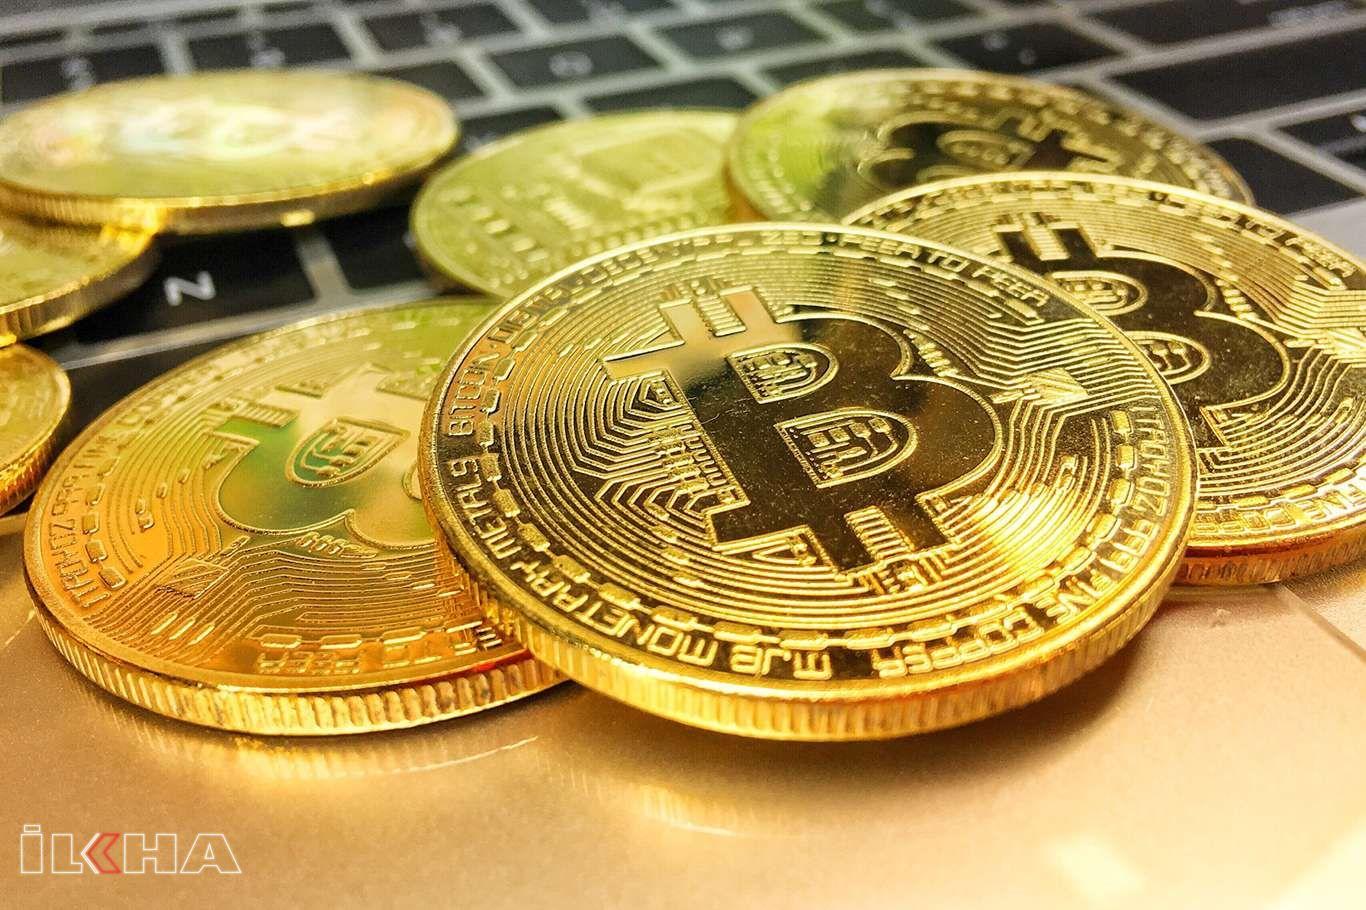 Kripto paralar ne kadar güvenli?